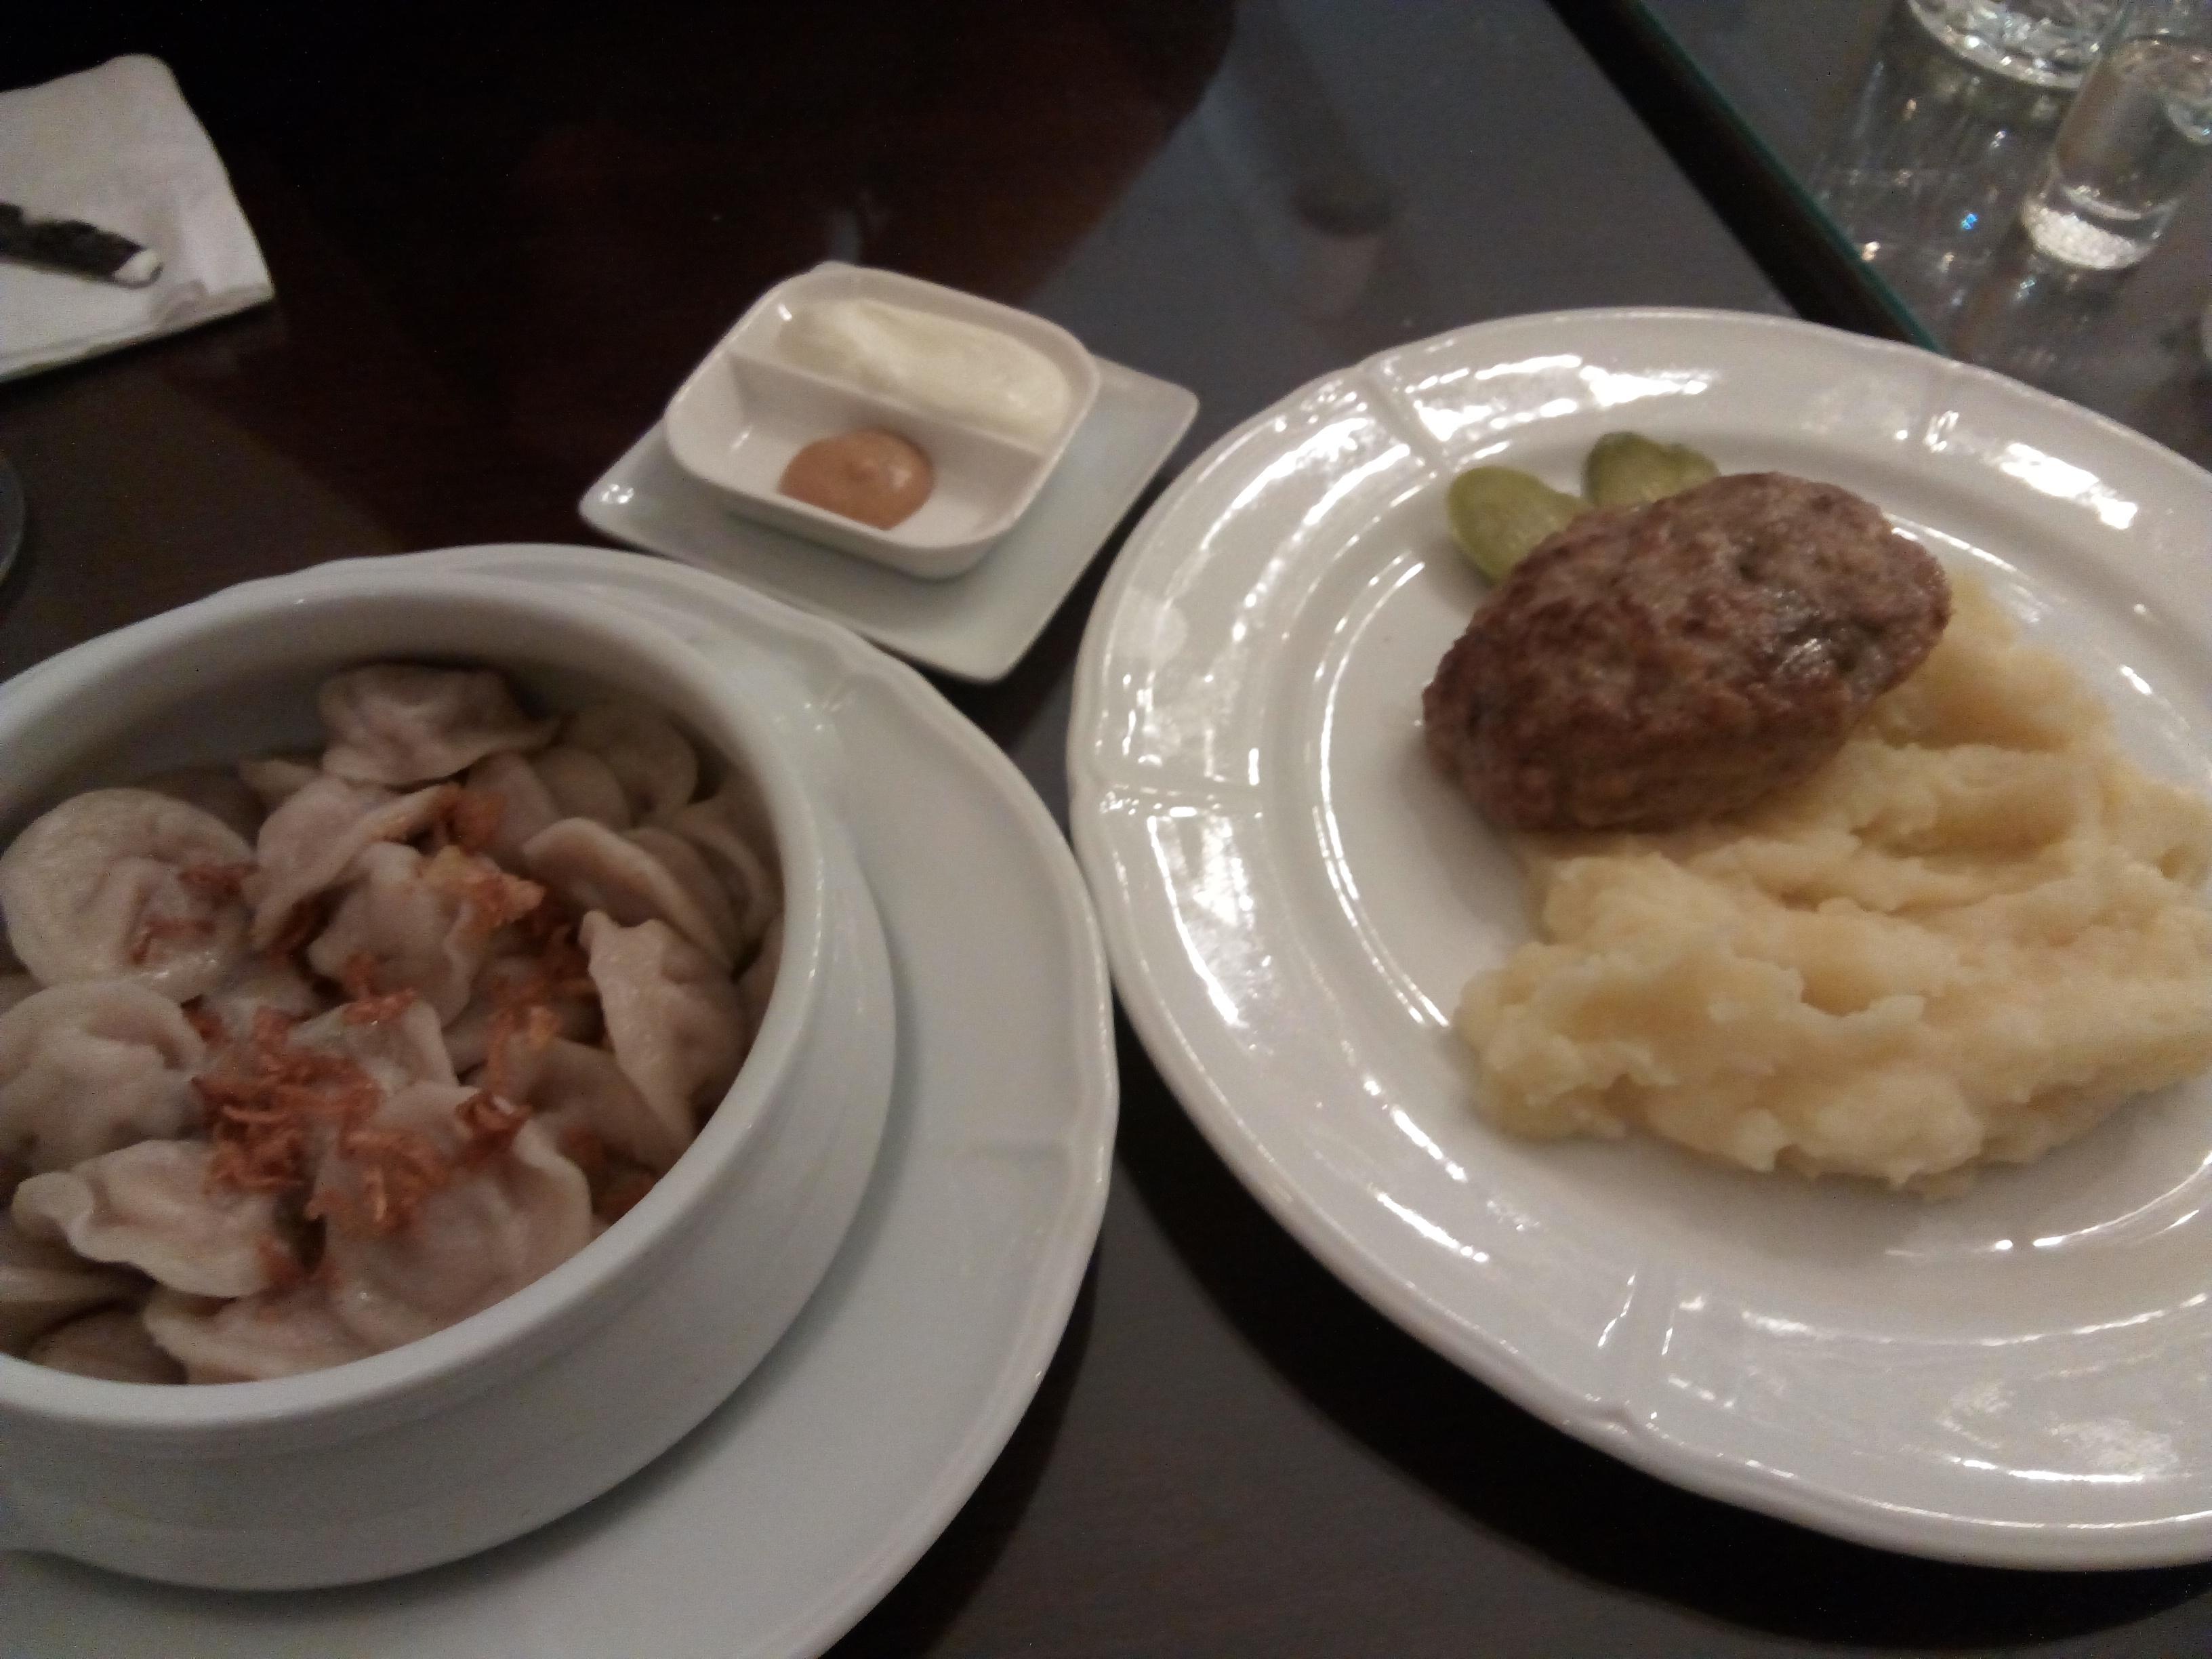 Ekaterina Pelmeni de pollo y pavo y Filete Kotleta